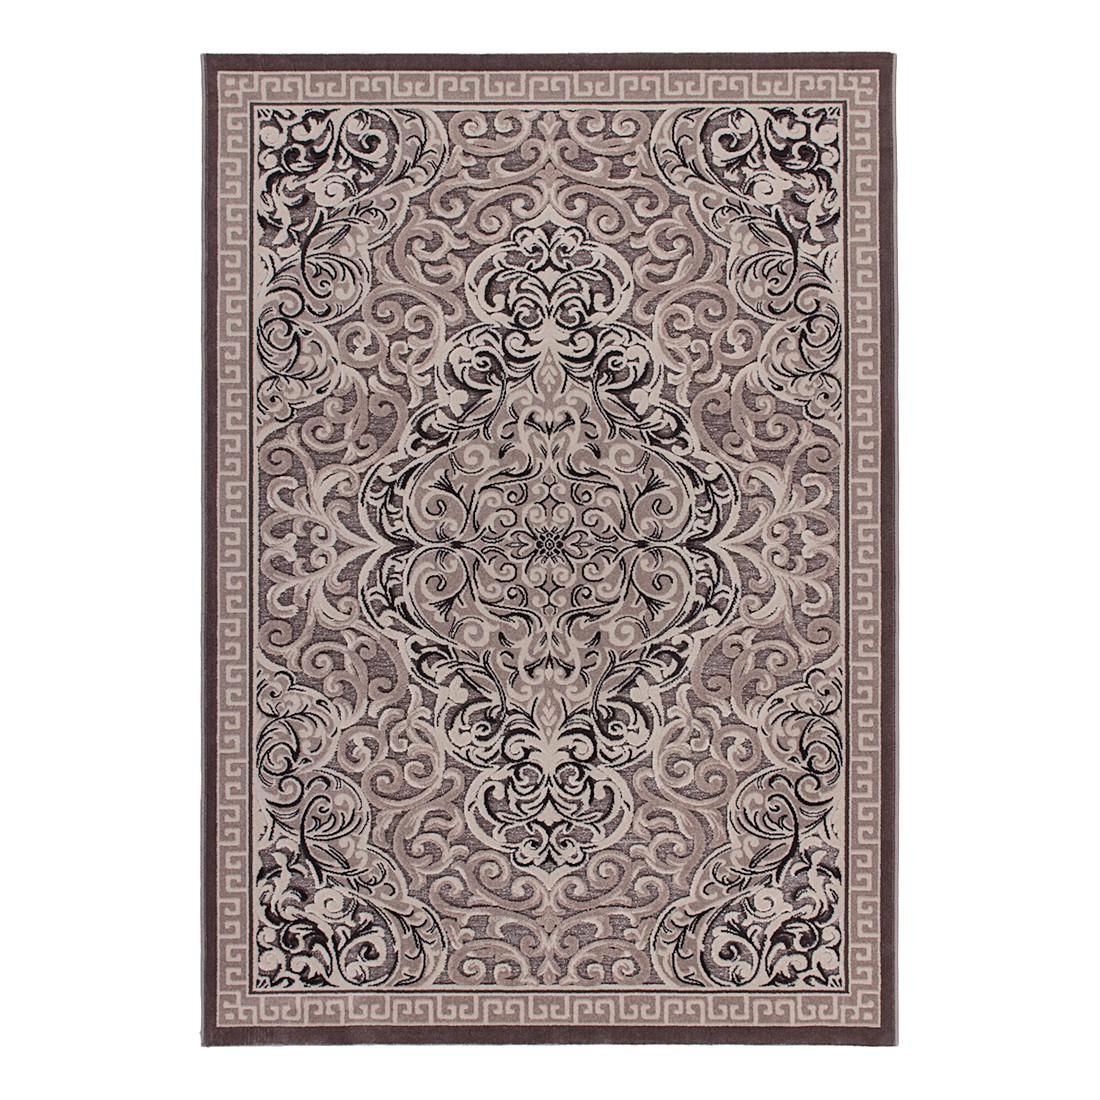 Teppich Turkey – Antalya – Beige – 160 x 230 cm, Kayoom günstig kaufen